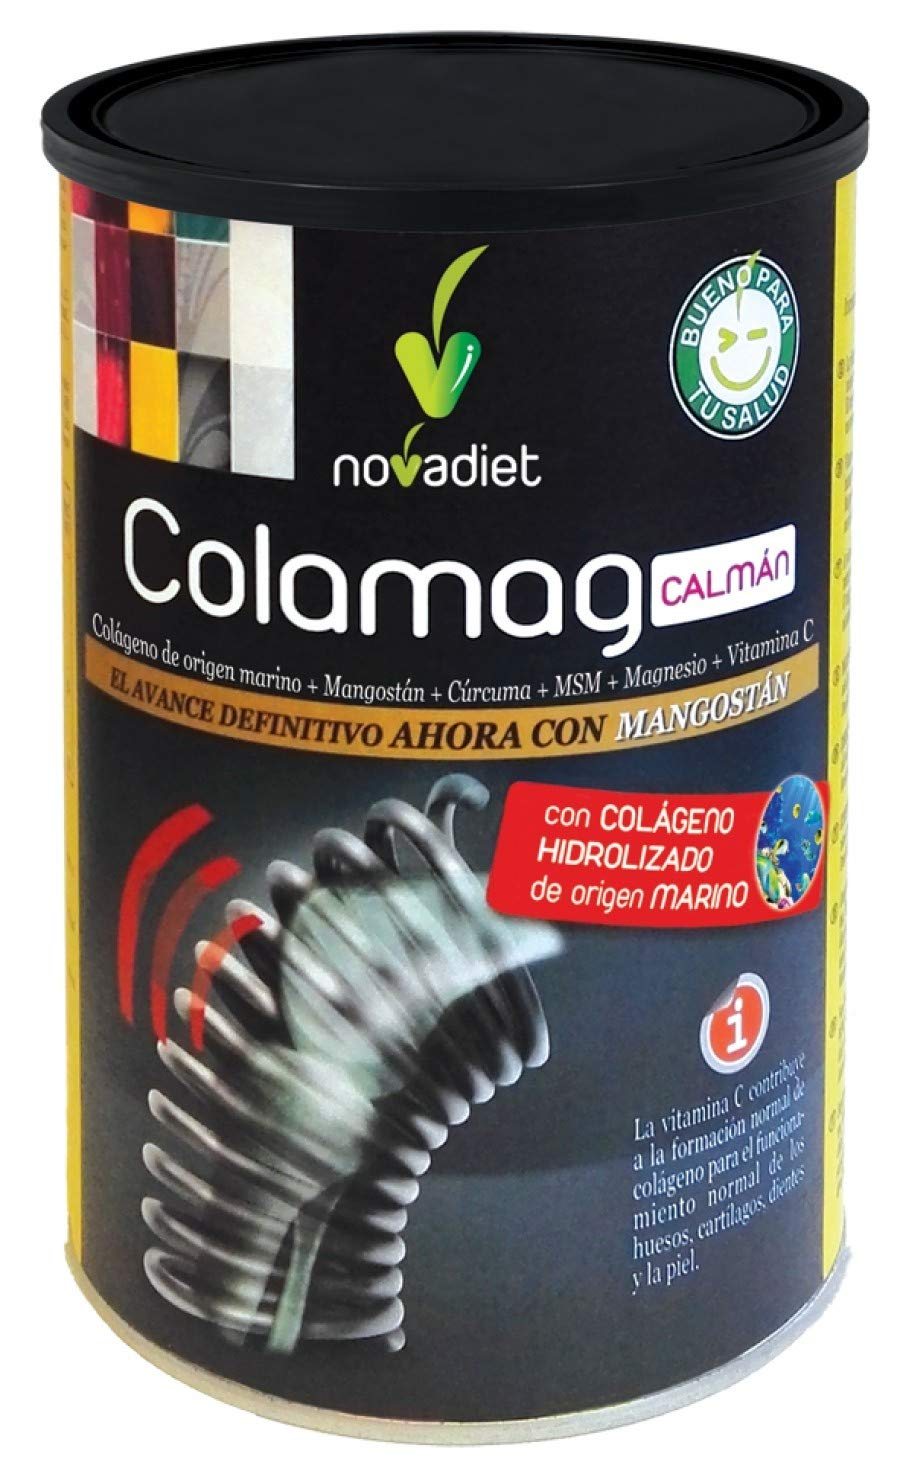 Novadiet Colamag Calman Combinación de Multivitaminas y Minerales - 300 gr: Amazon.es: Salud y cuidado personal